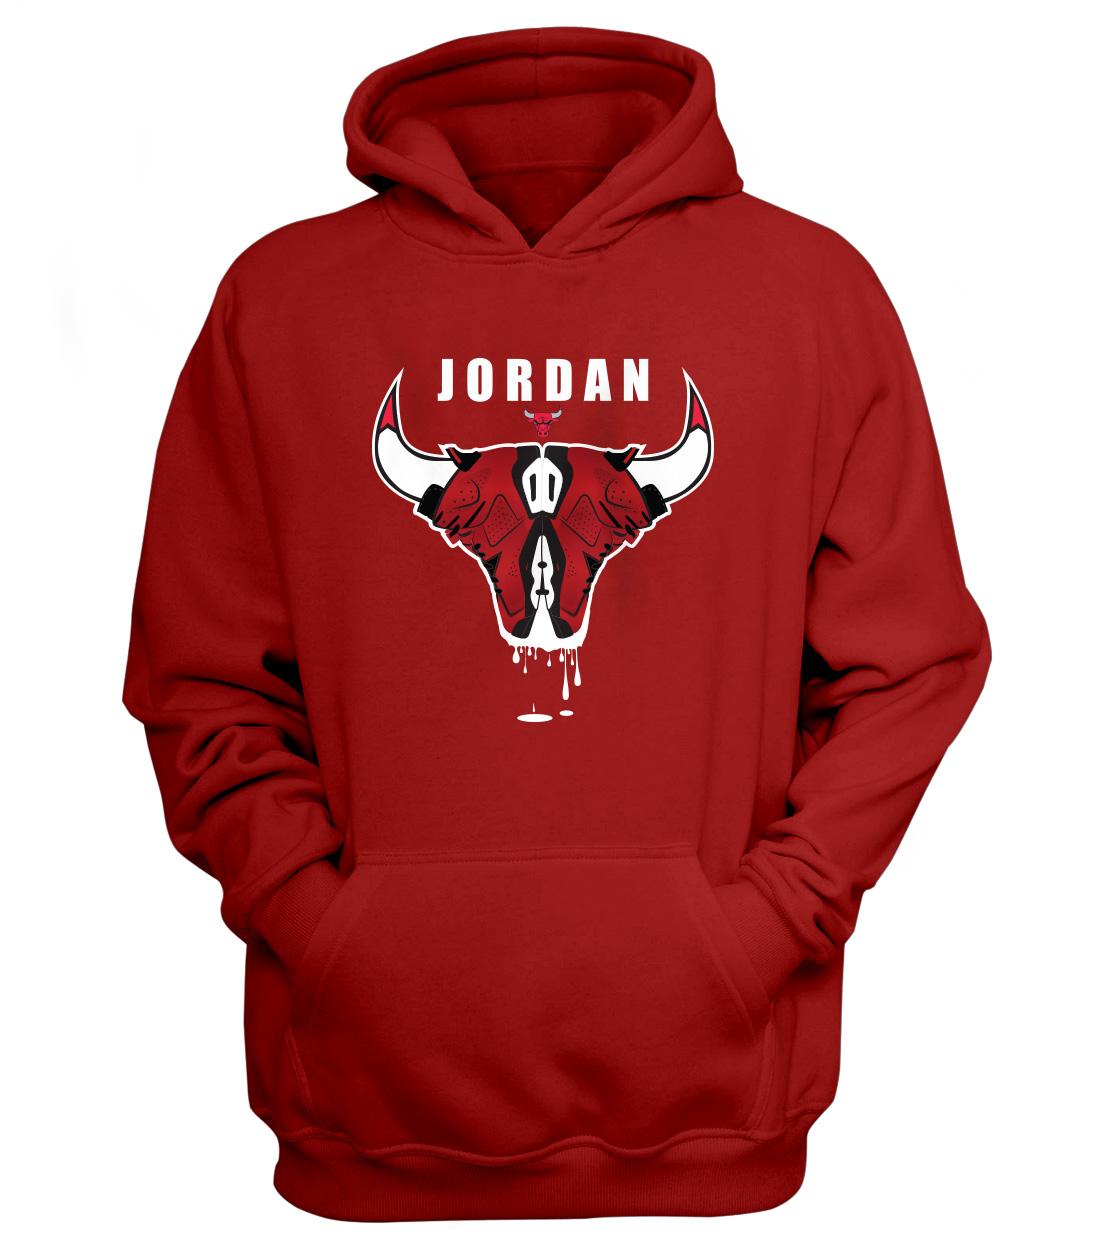 Air Jordan VI Hoodie (HD-RED-NP-12-PLYR-JRDN-SHOES)